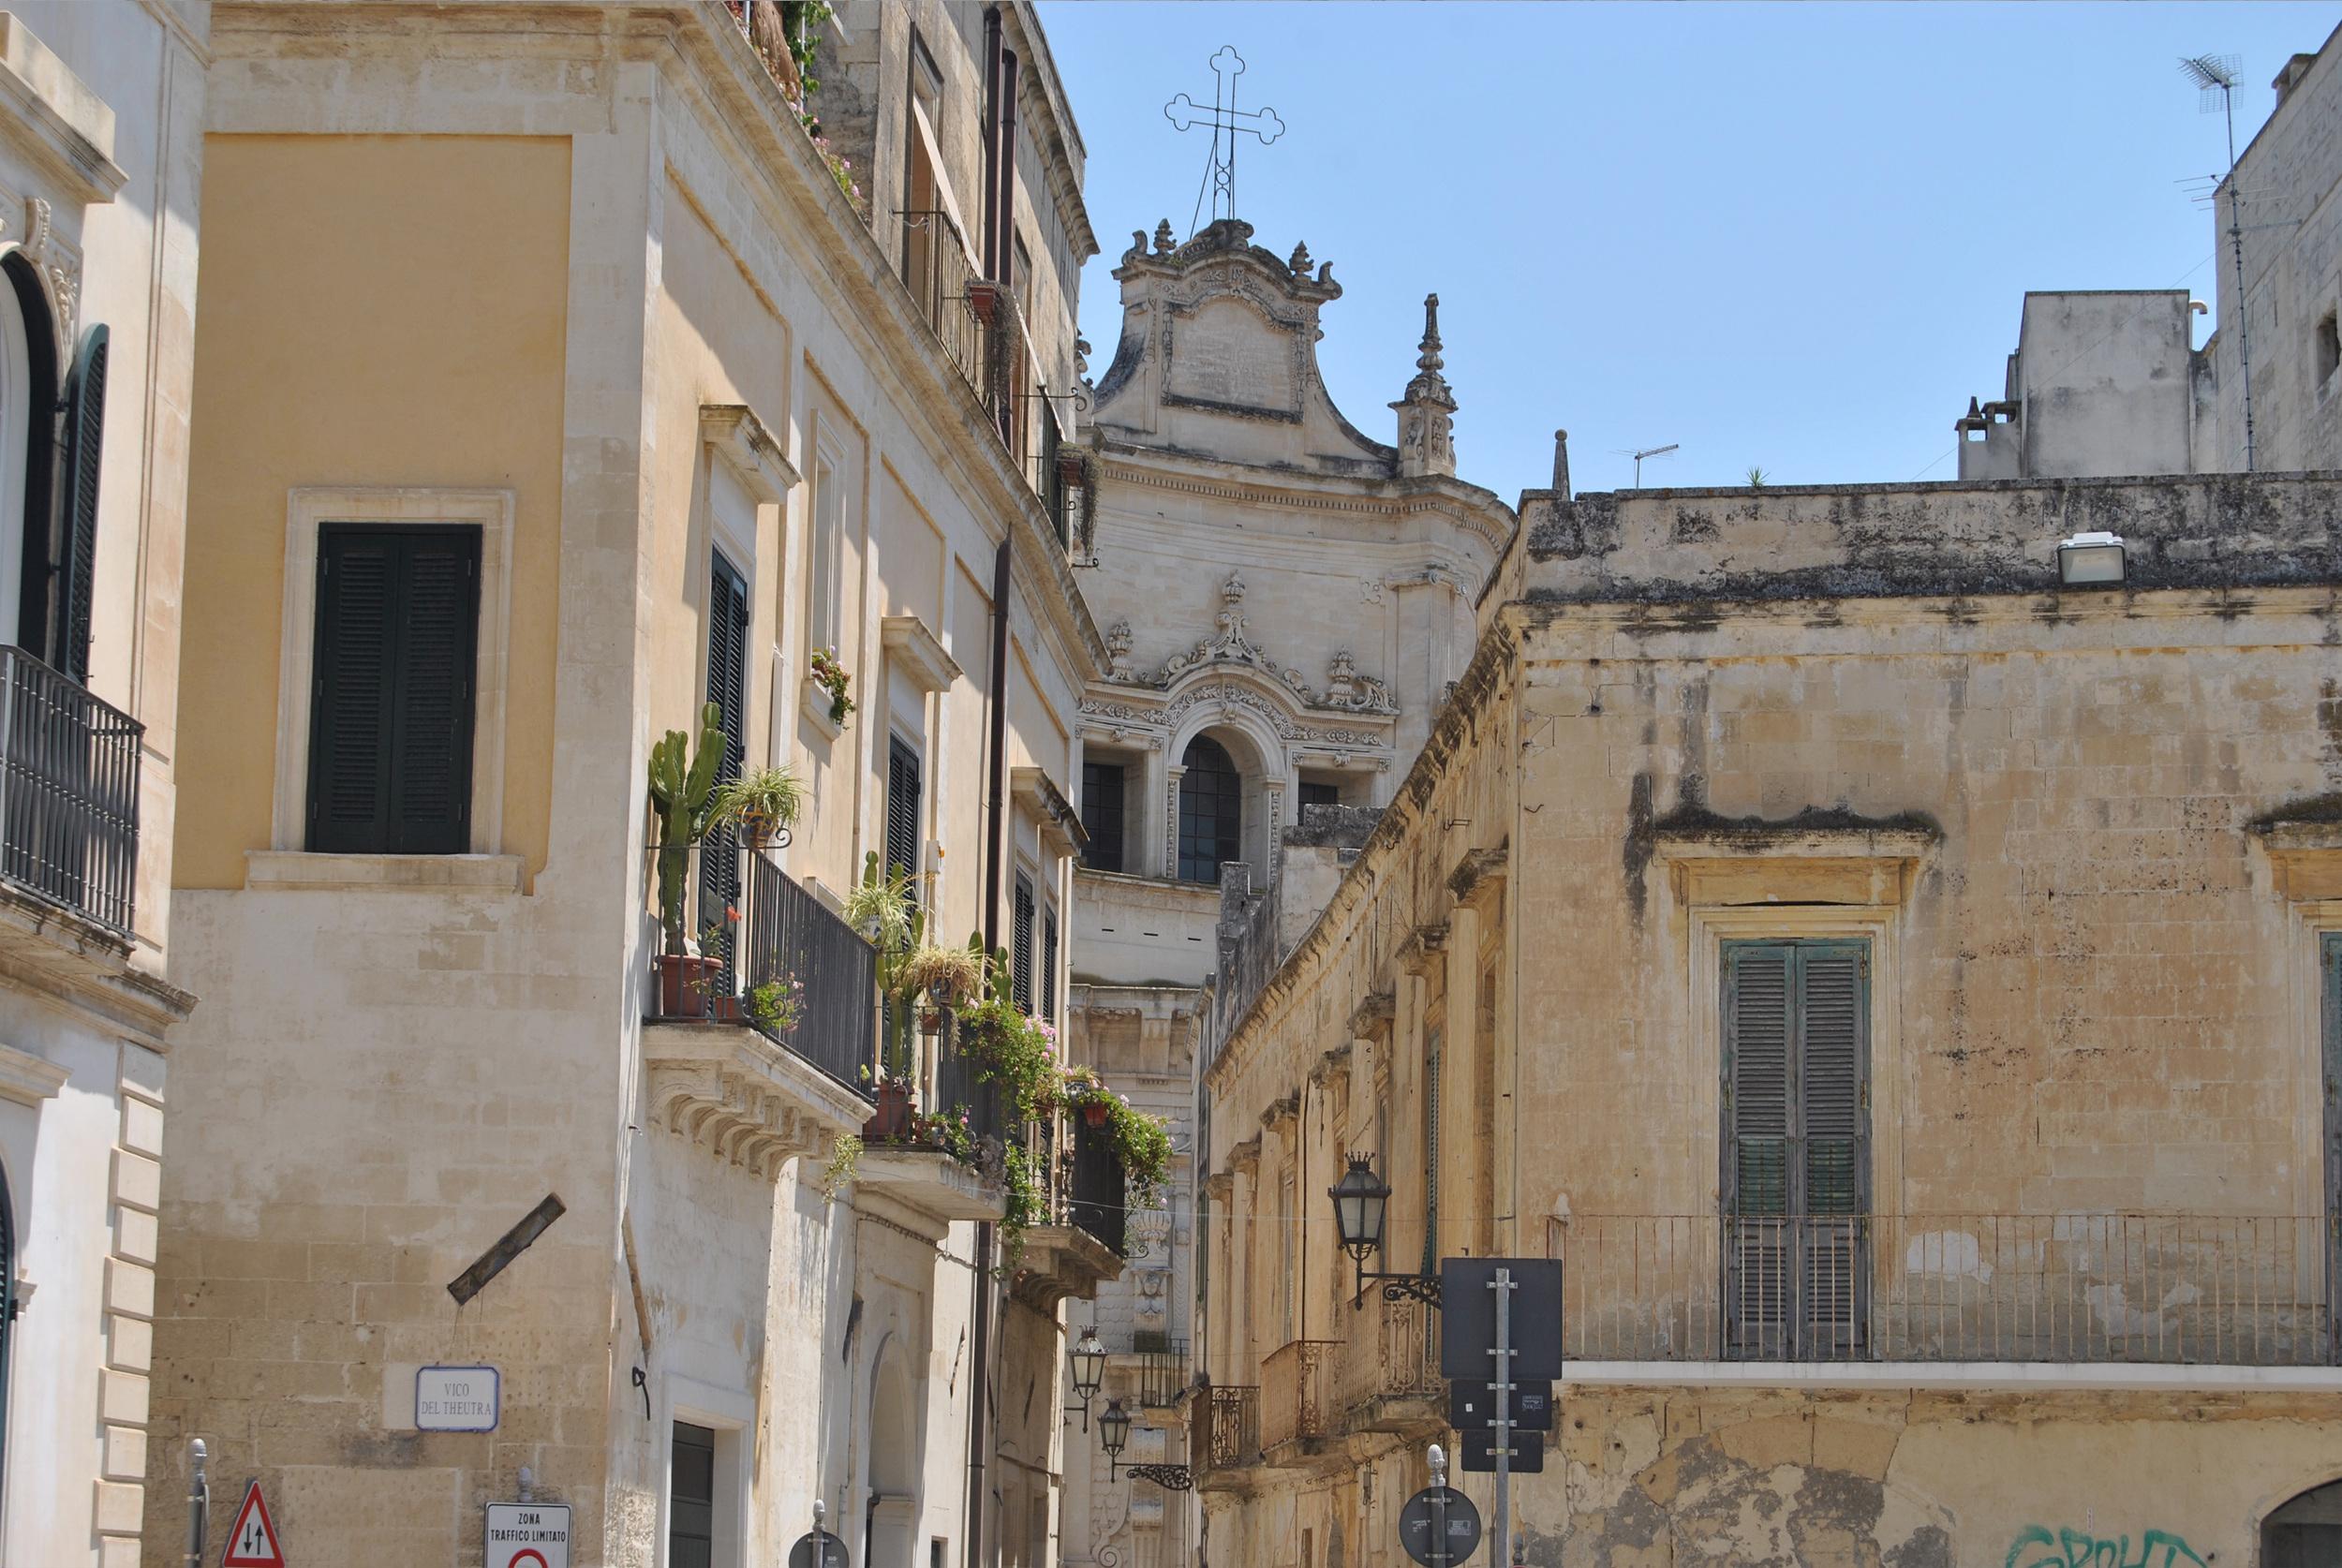 Sud-Est Apulia Salento PugliaBarocco Leccese Architecture